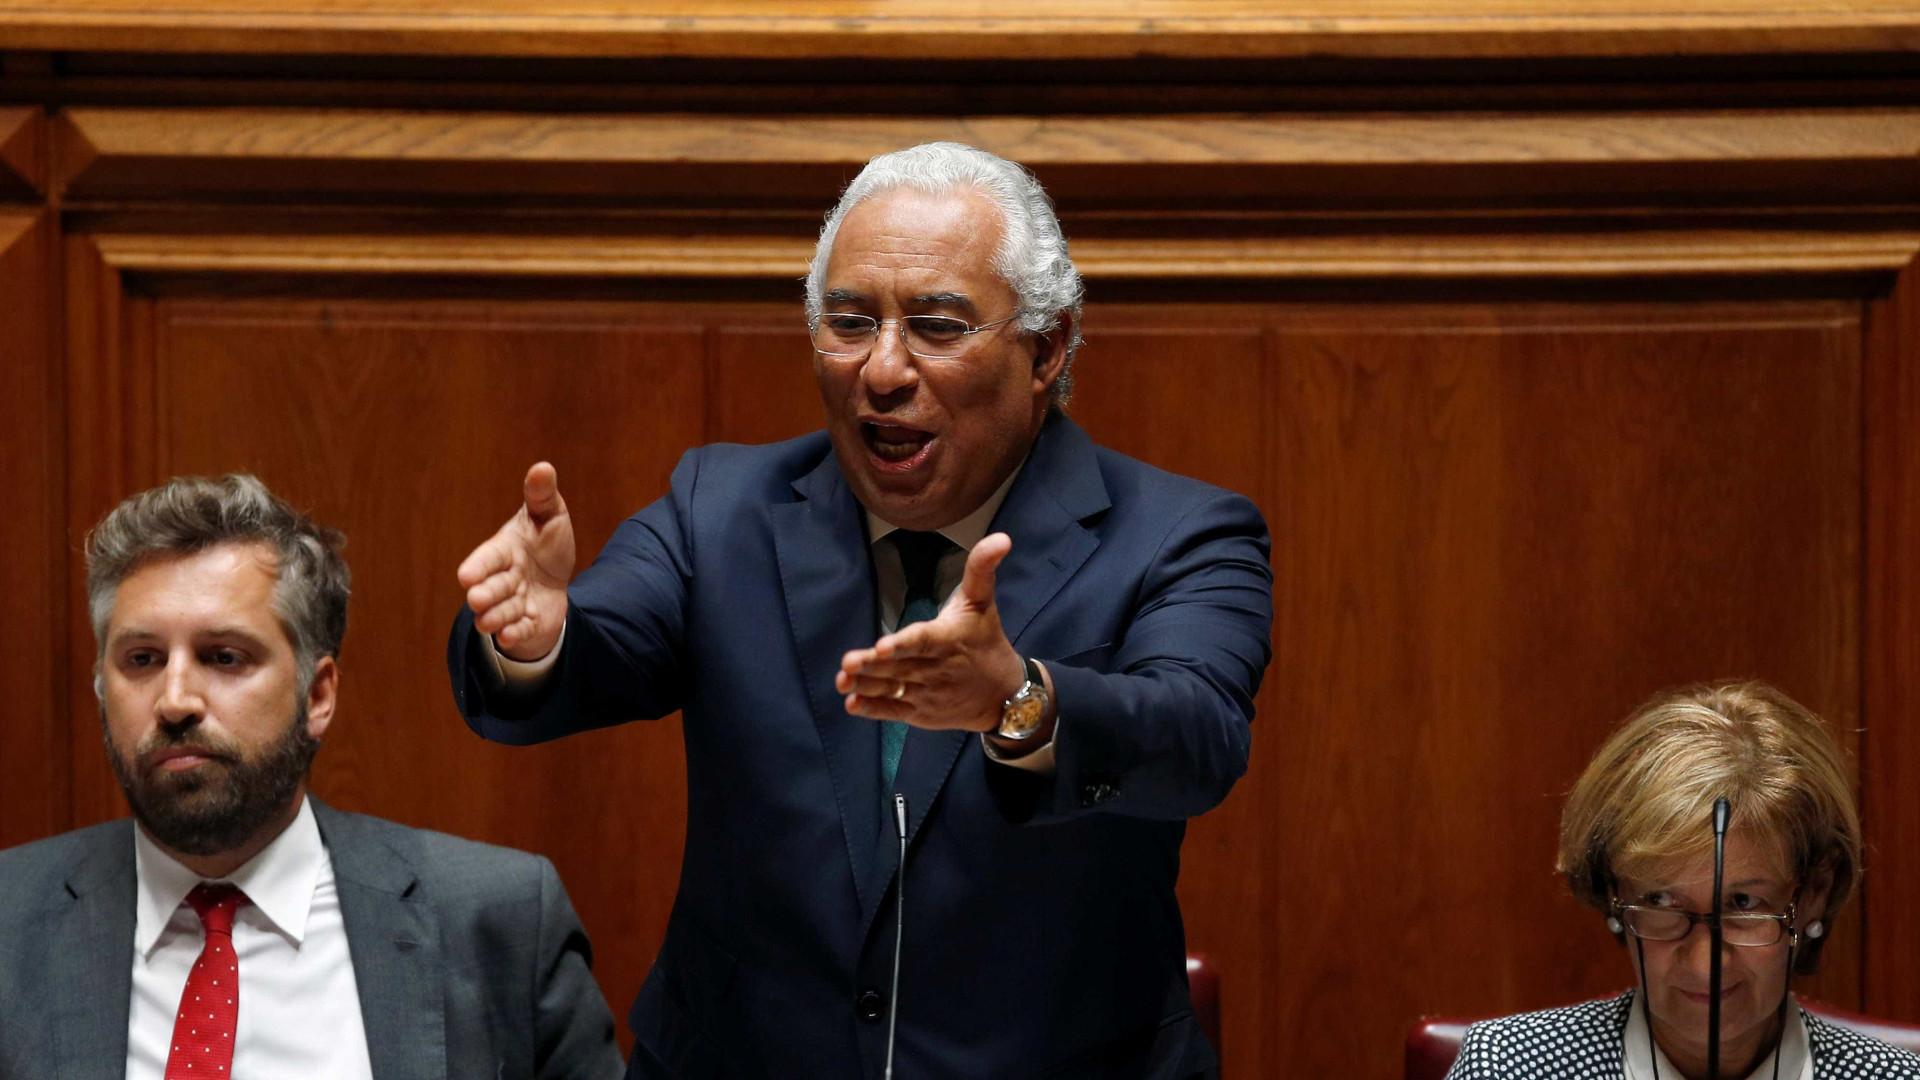 Costa considera regadio uma das maiores reformas estruturais do país